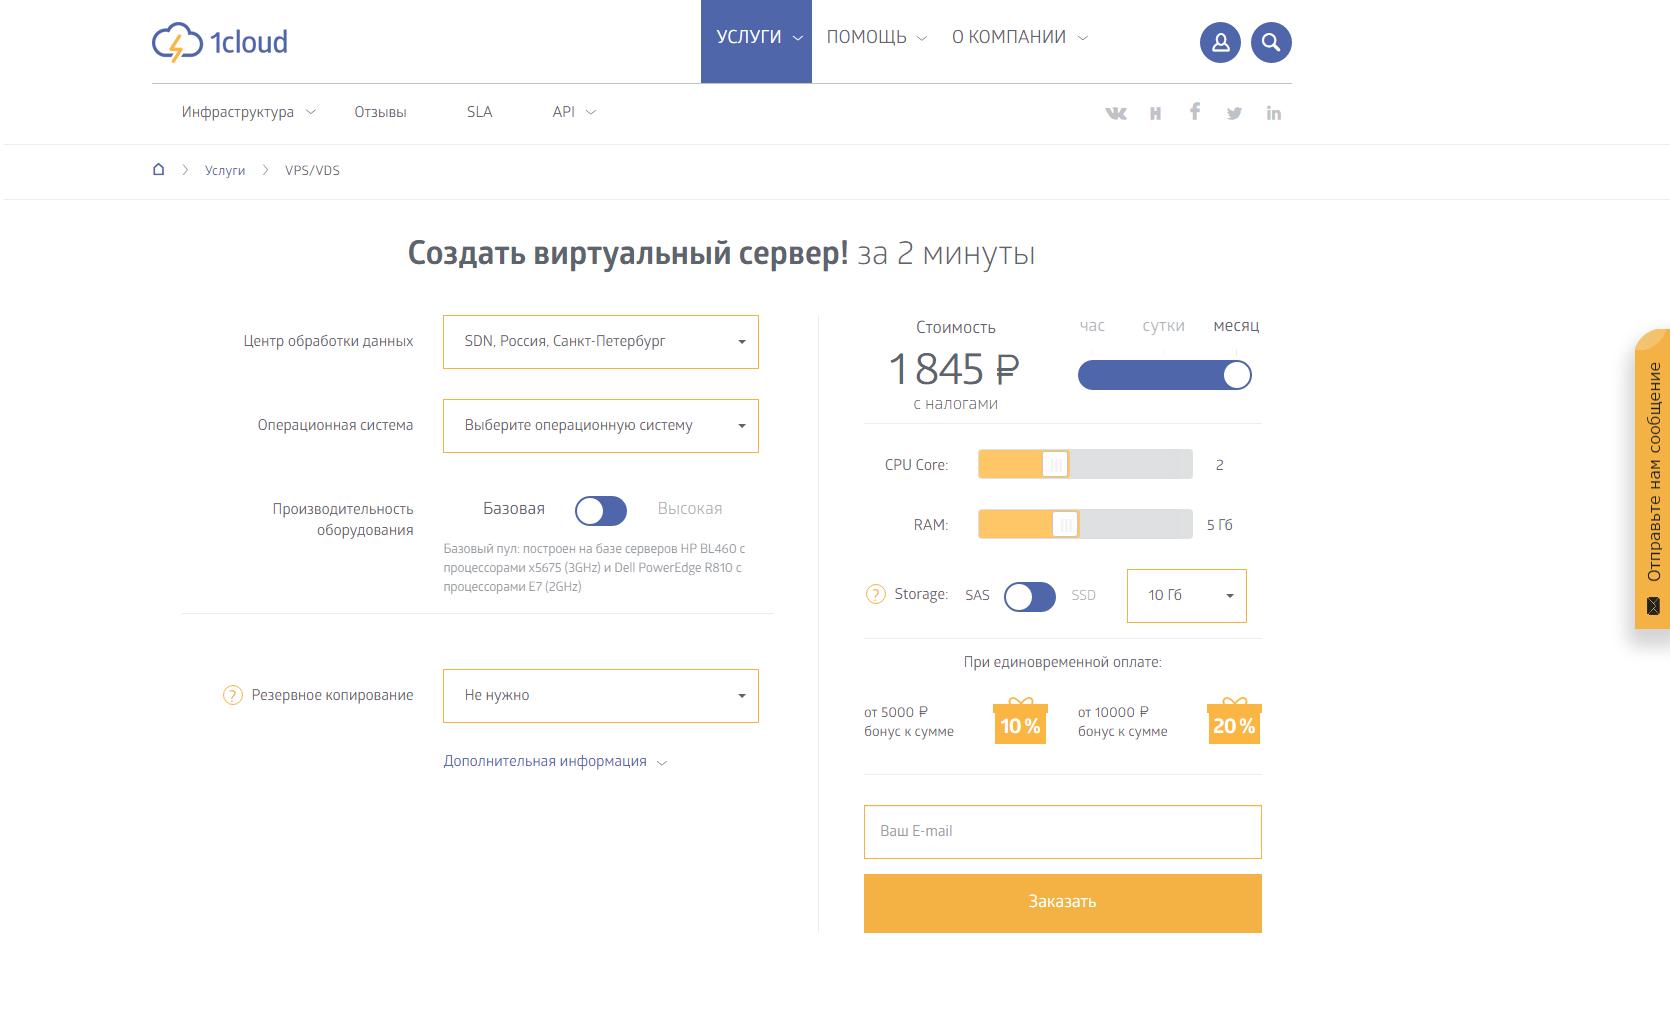 Клиентоориентированность как основа бизнеса: Опыт IaaS-провайдера «1cloud» - 5